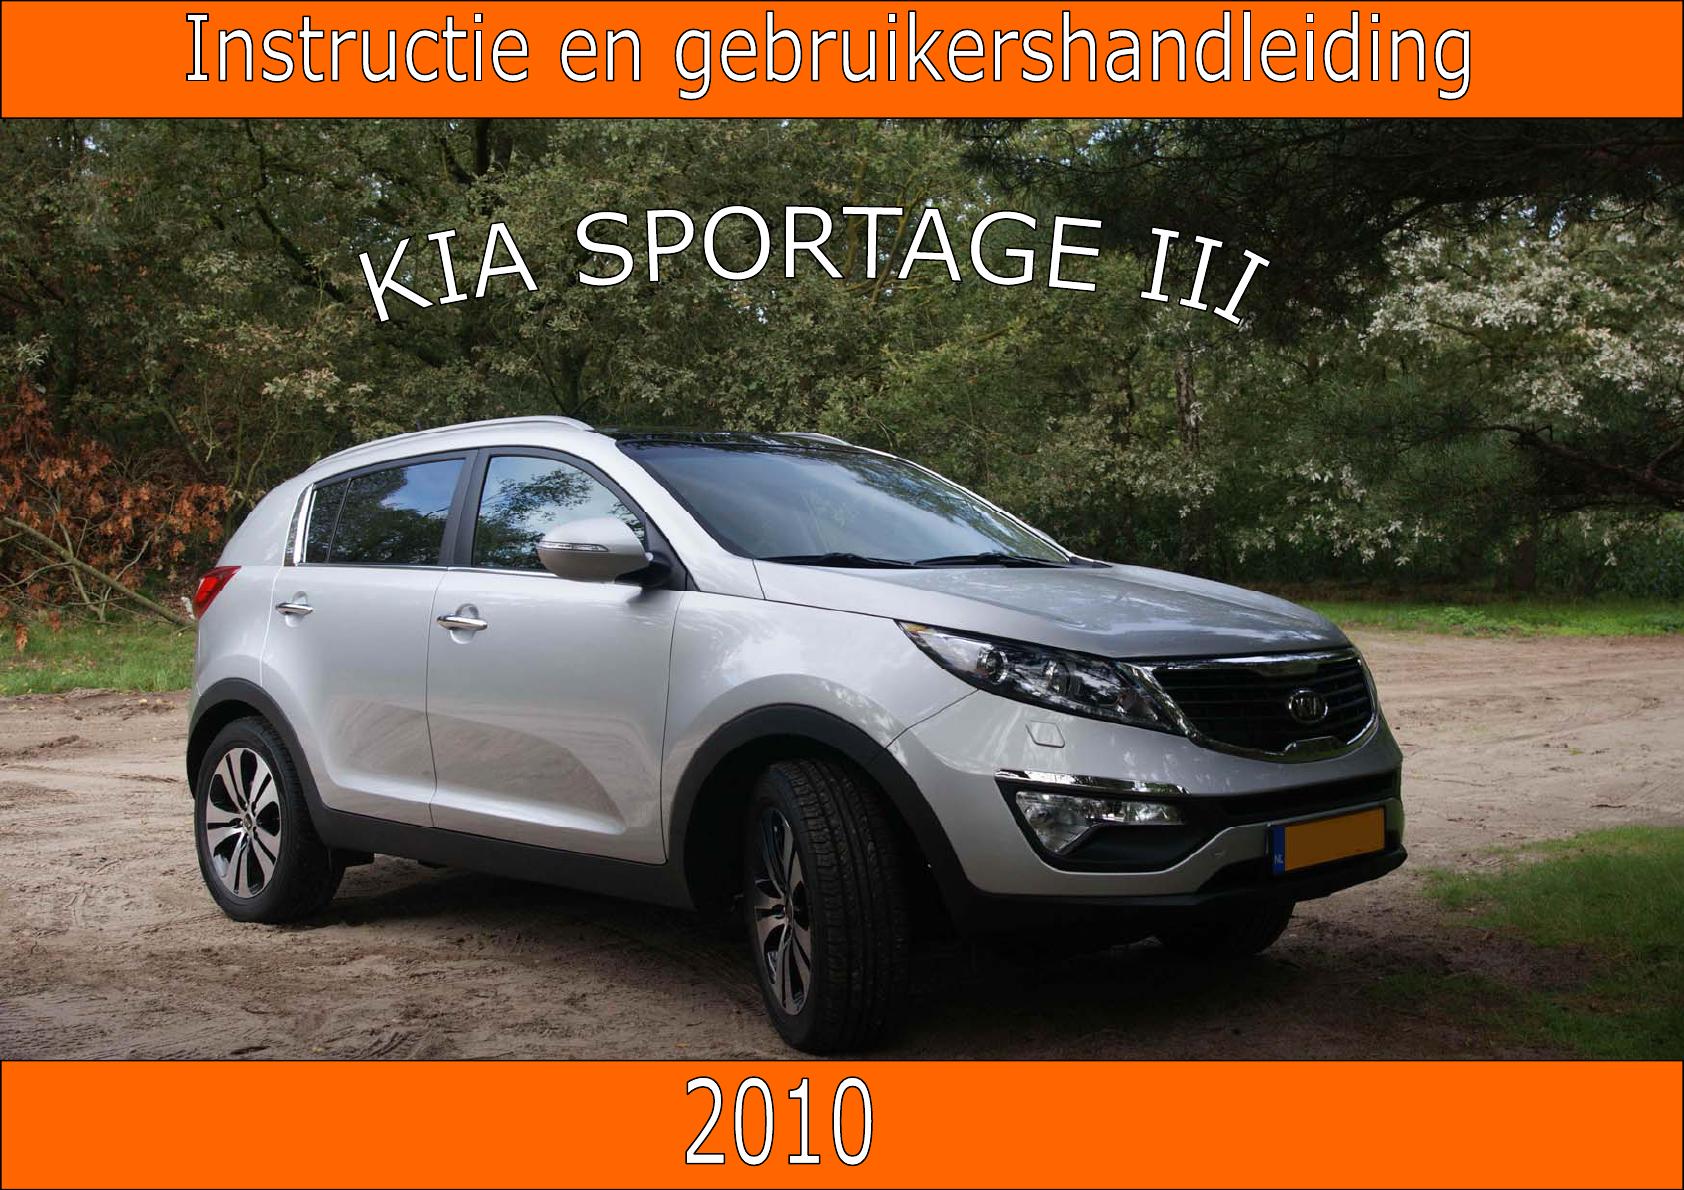 kia carens 1 with Preview Handleiding 366043 on Fichier Kia Carens front 20080220 besides P3280741 in addition Sondaggio Colori Kia Niro also Kia Carens Facelift Paris Debut additionally Pictures.